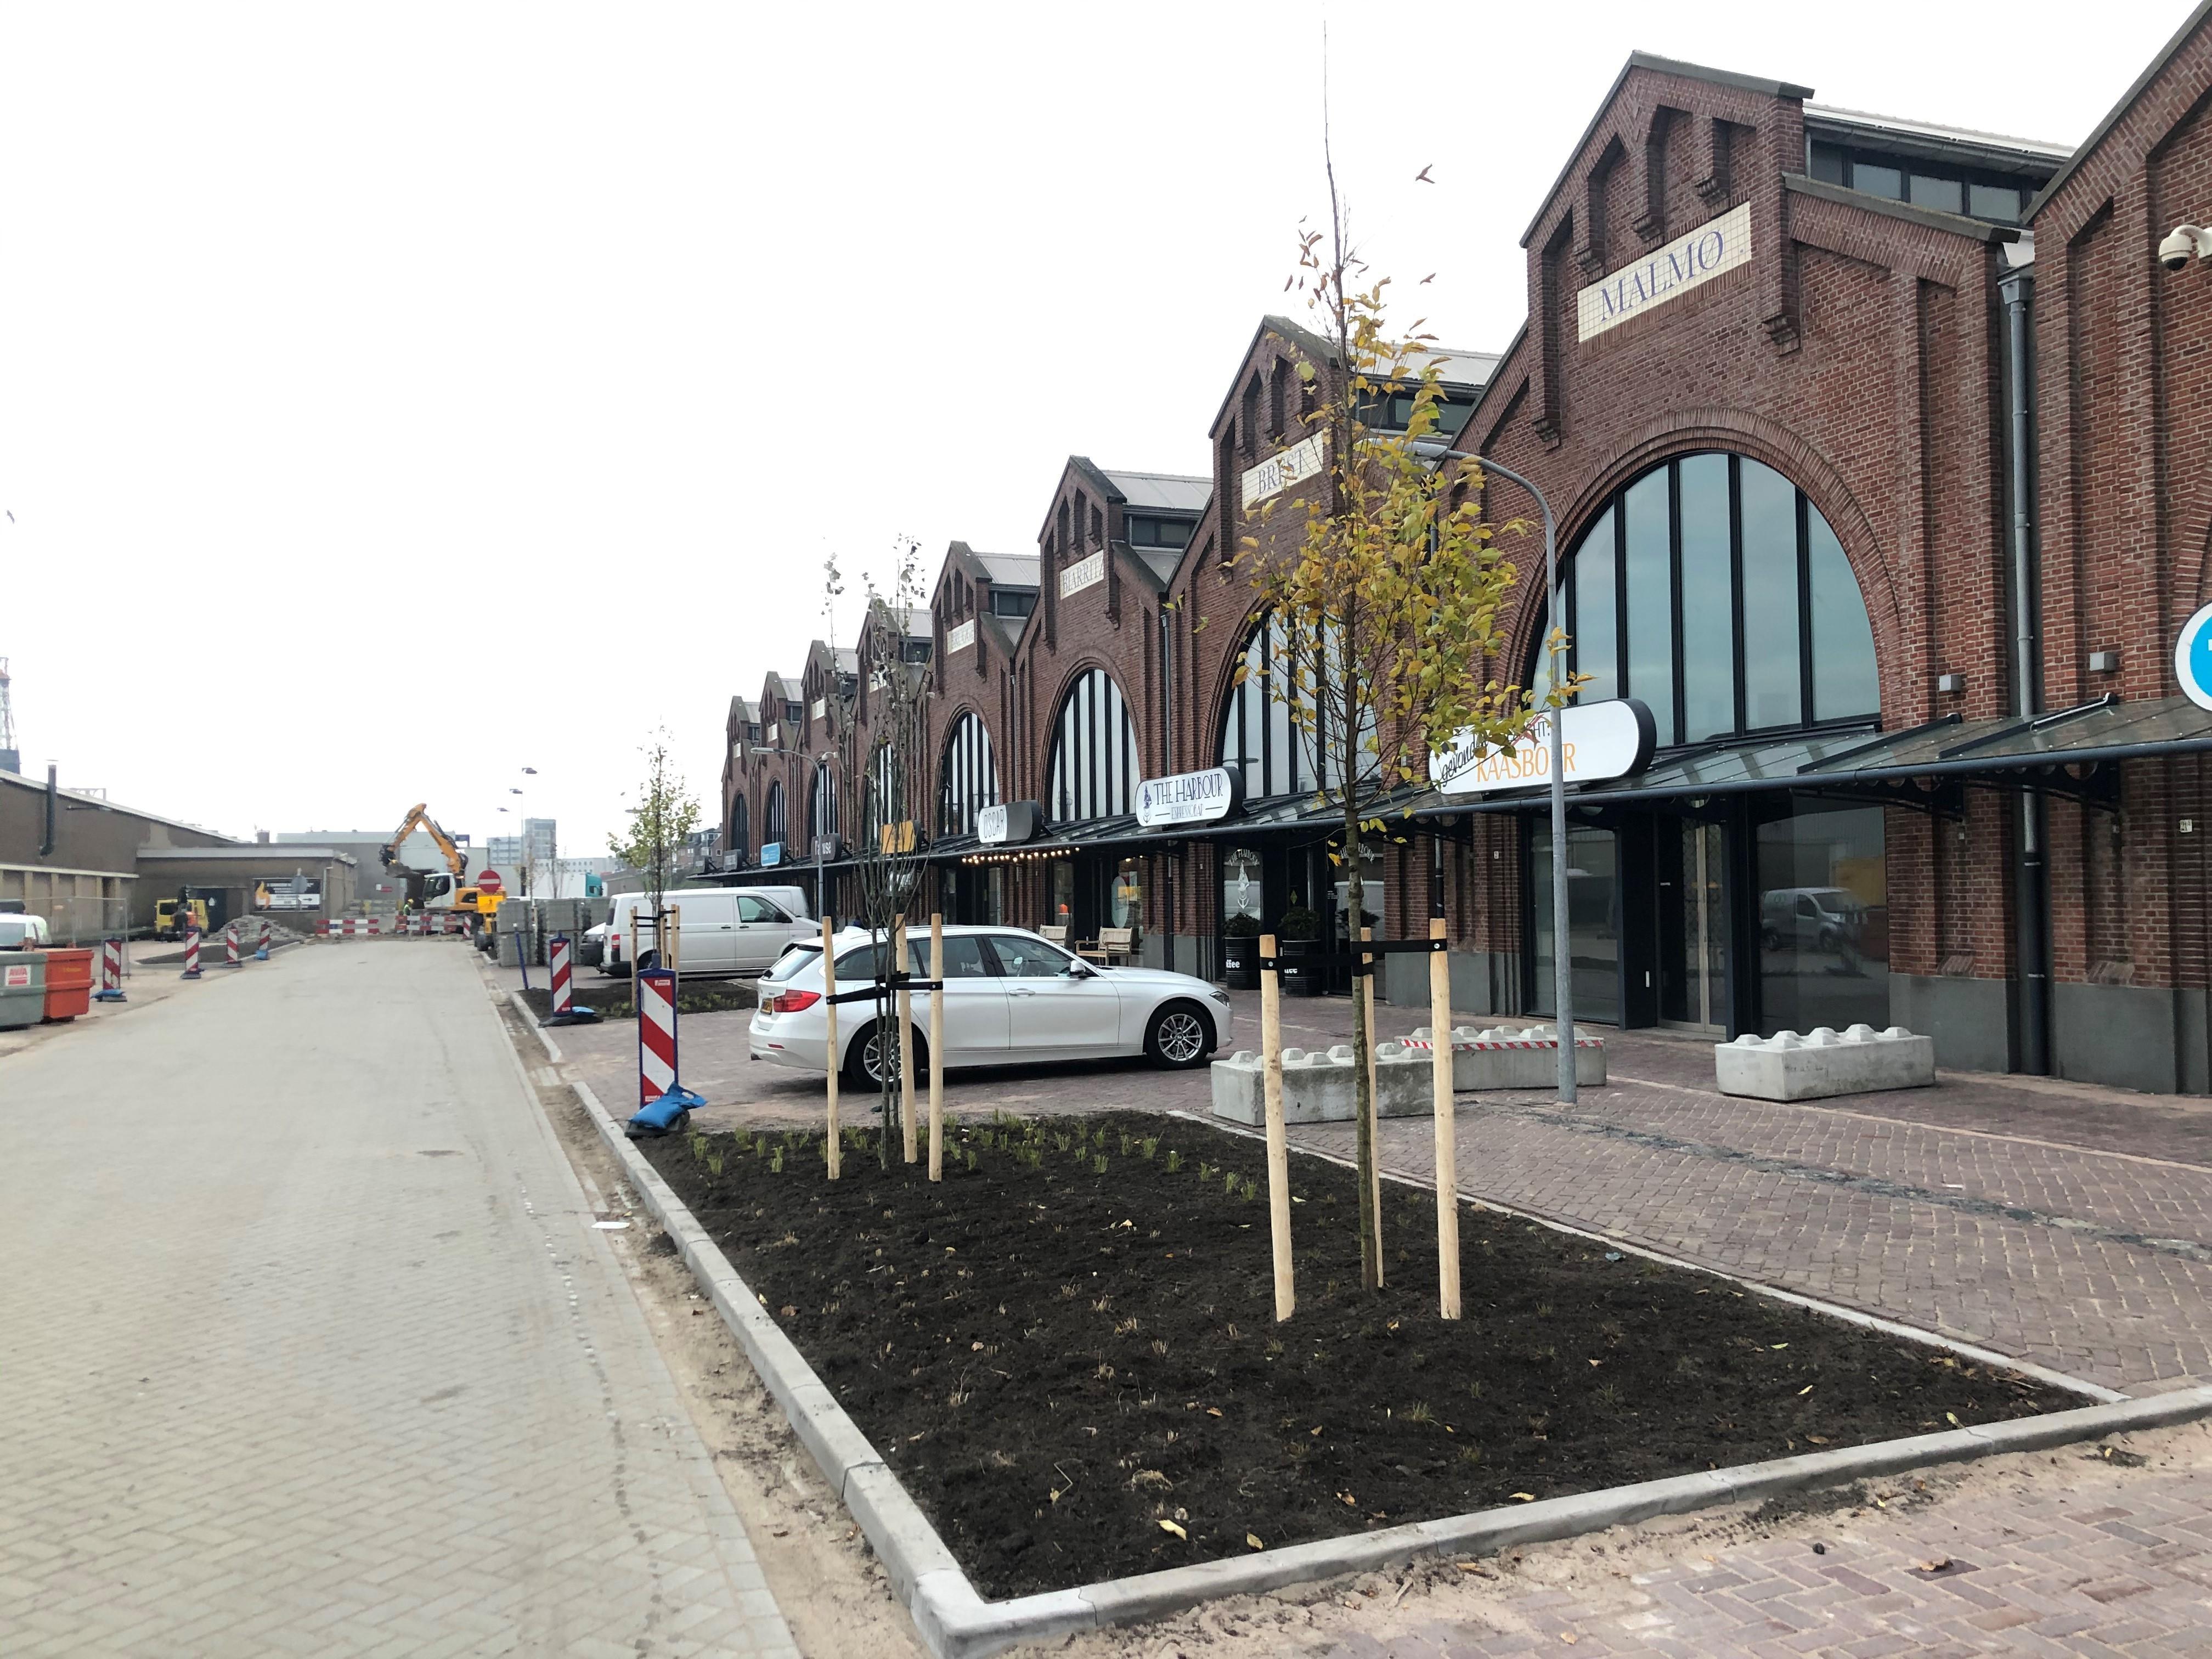 Met de plaatsing van bomen bij de Halkade in IJmuiden is de metamorfose van het gebied bijna voltooid